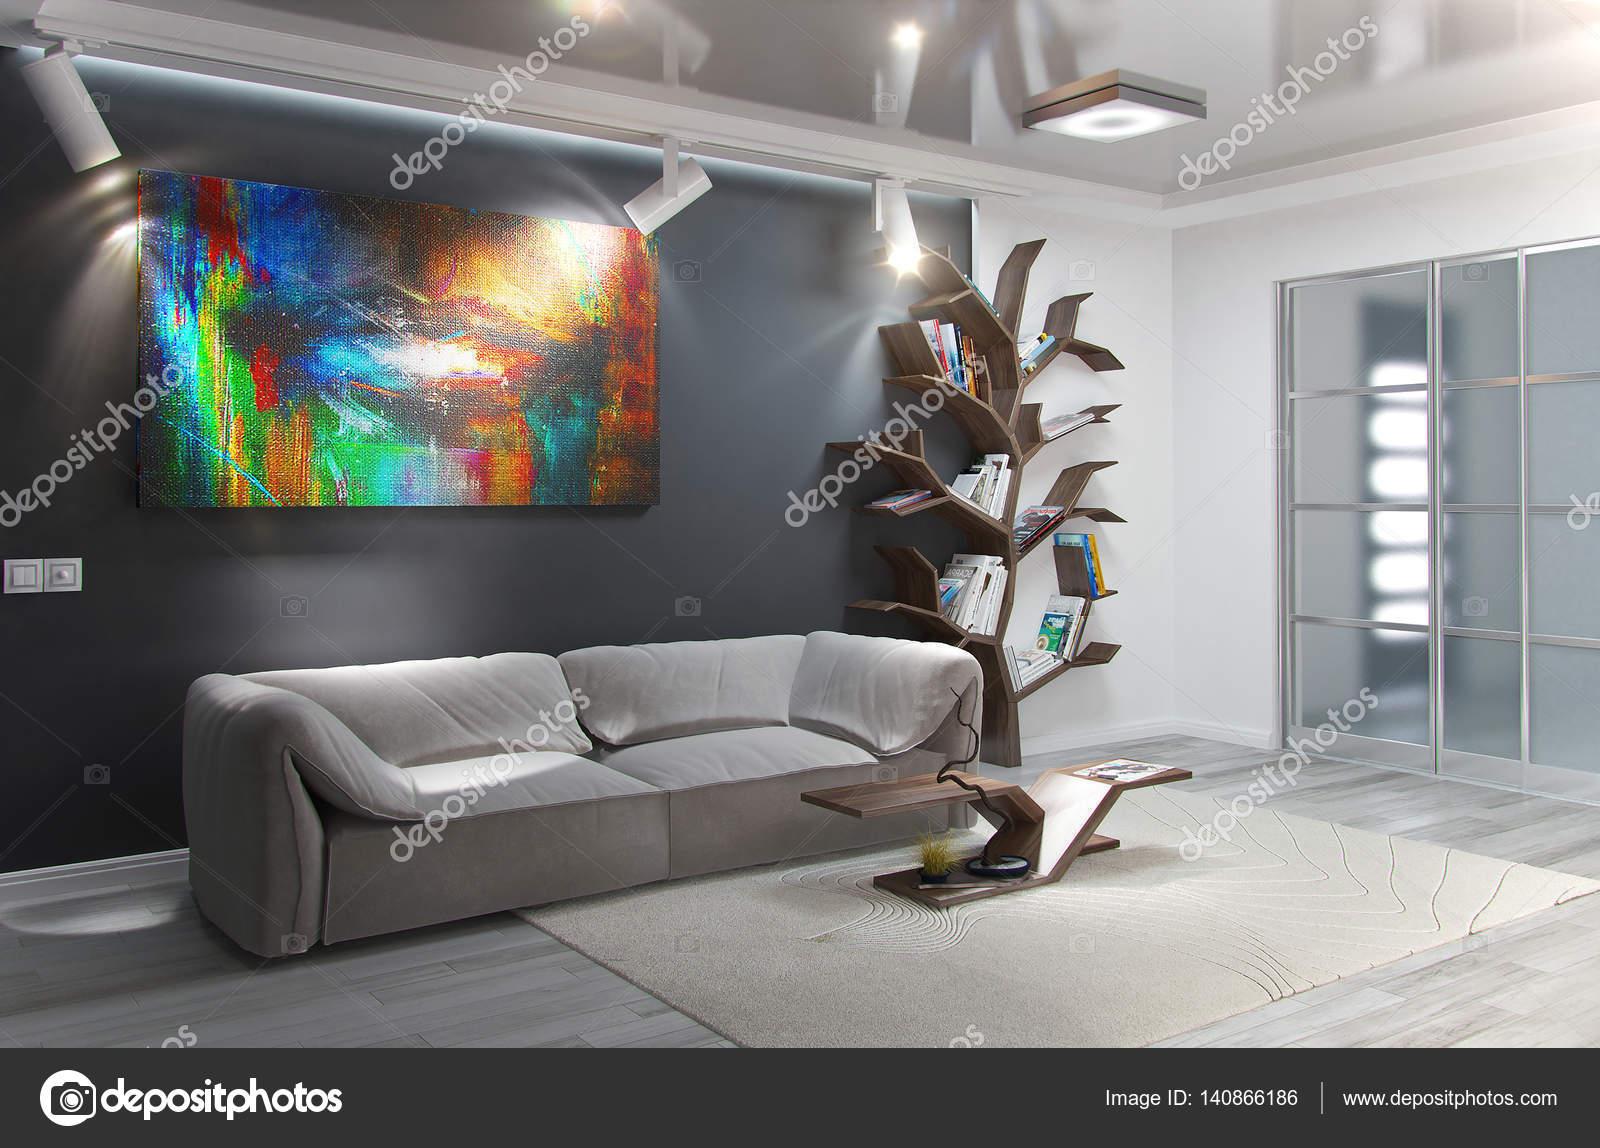 https://st3.depositphotos.com/5376352/14086/i/1600/depositphotos_140866186-stockafbeelding-moderne-woonkamer-interieur-design-3d.jpg